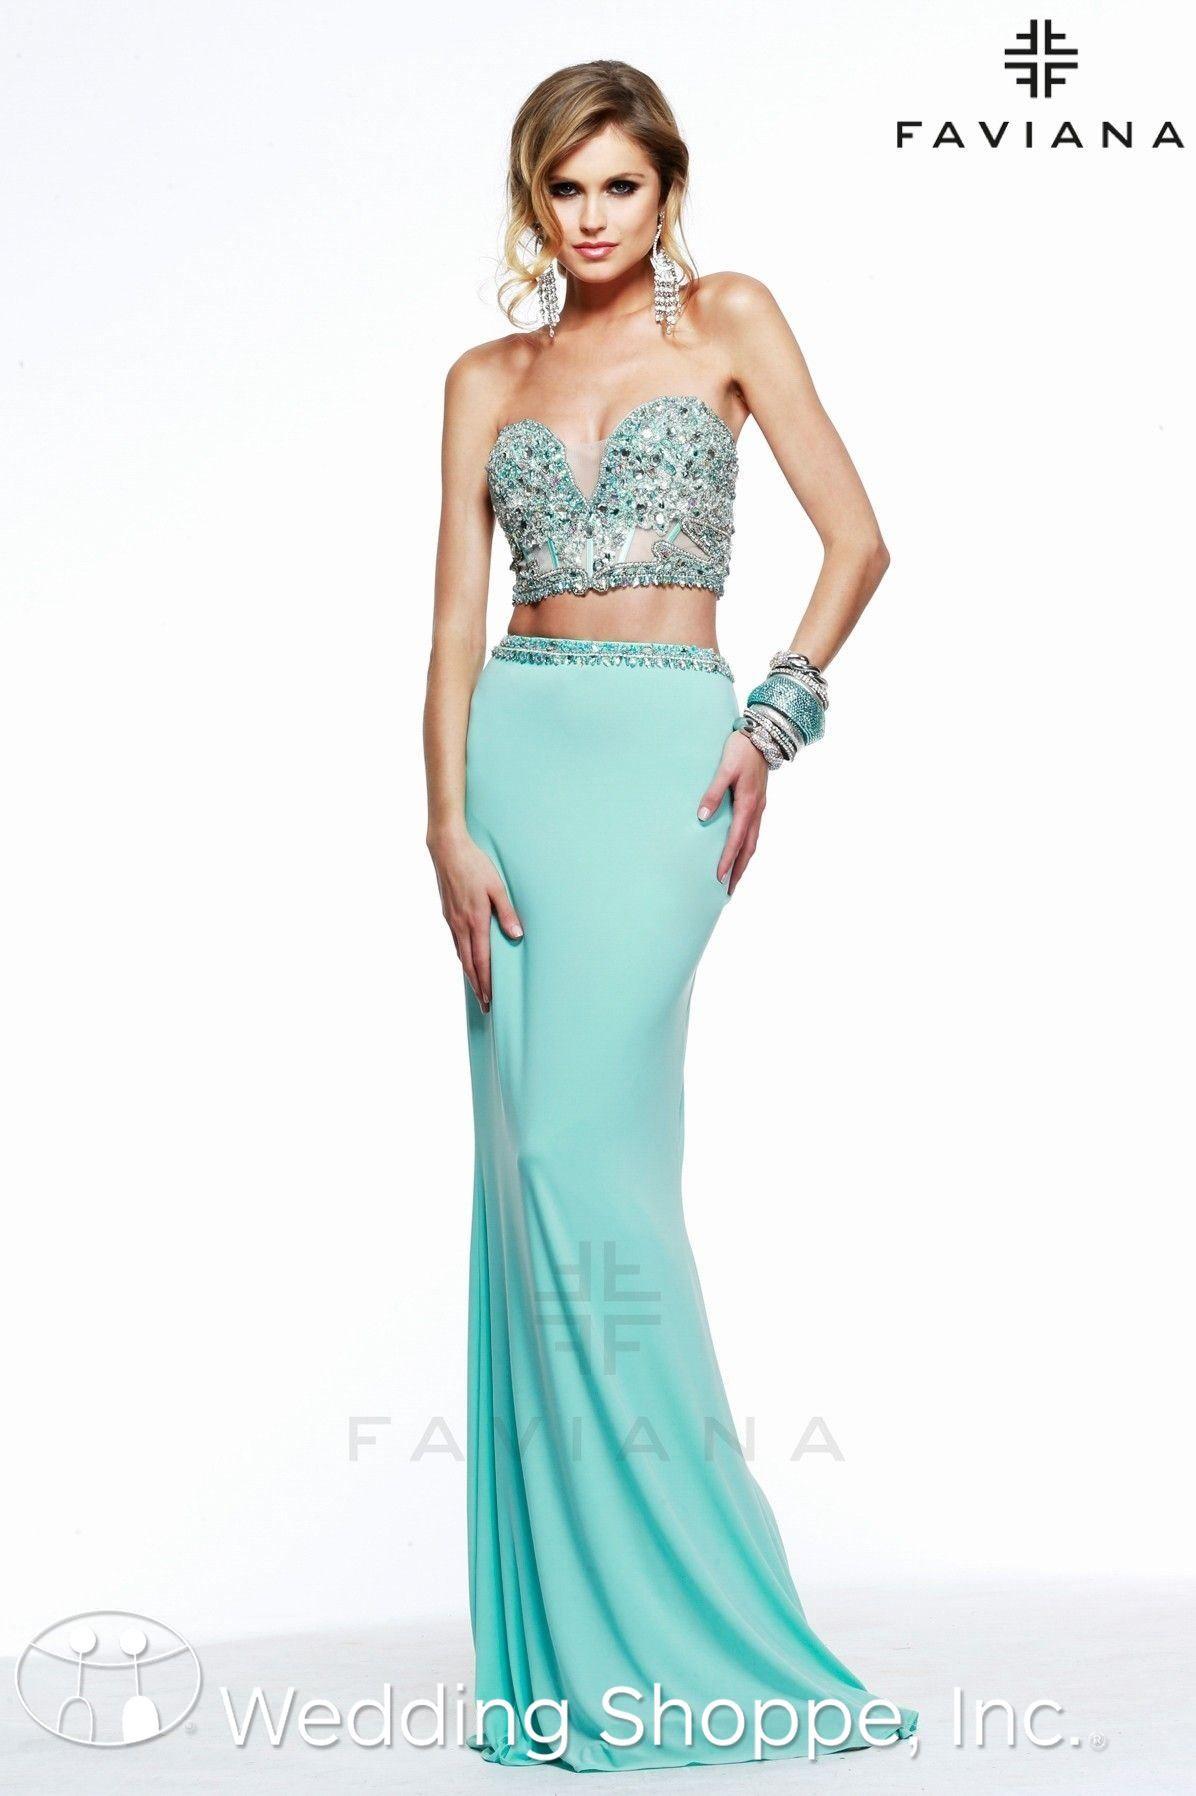 Faviana Prom Dress S7524 | Prom